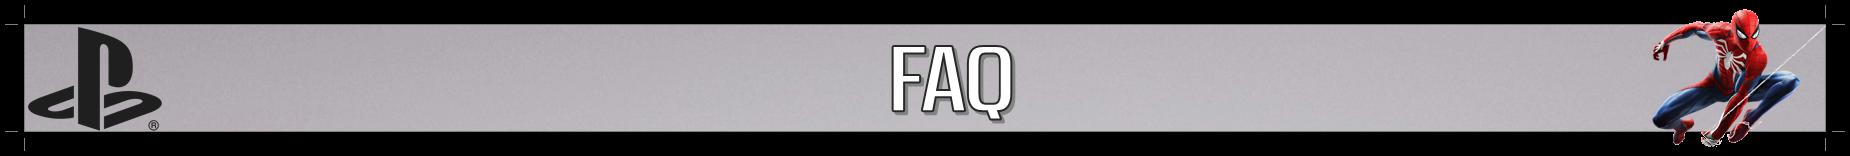 FAQQ.png